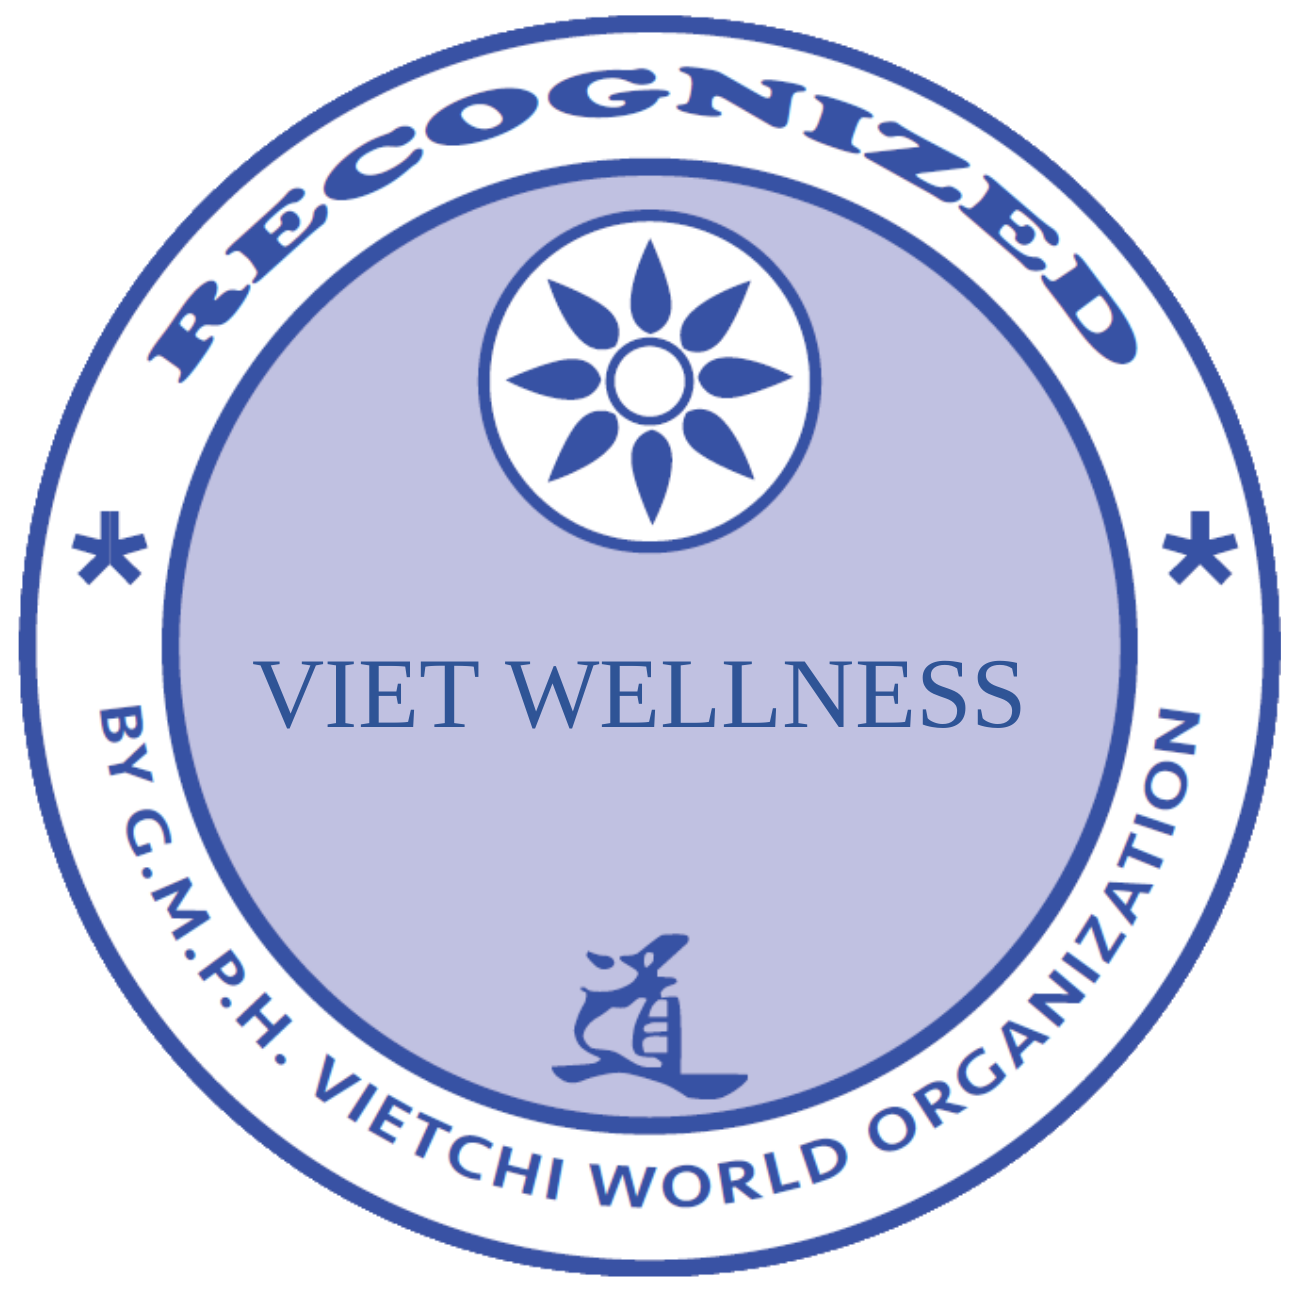 Club riconosciuto dal VCW